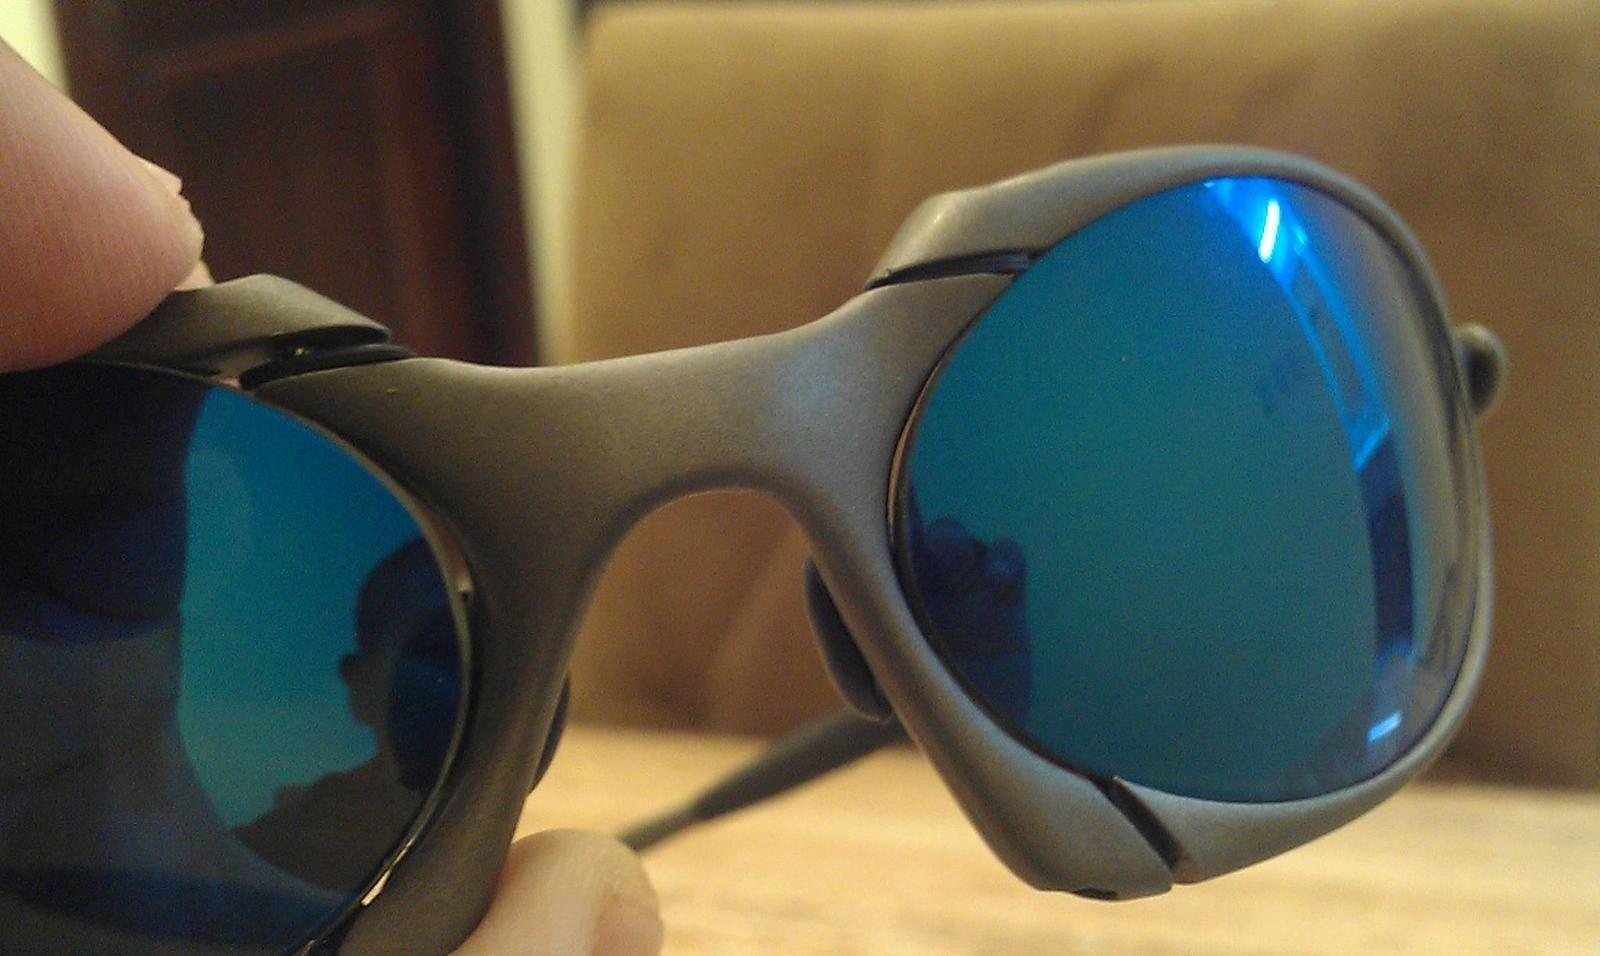 Linegear Lenses Arrived But.... - 57980578.jpg